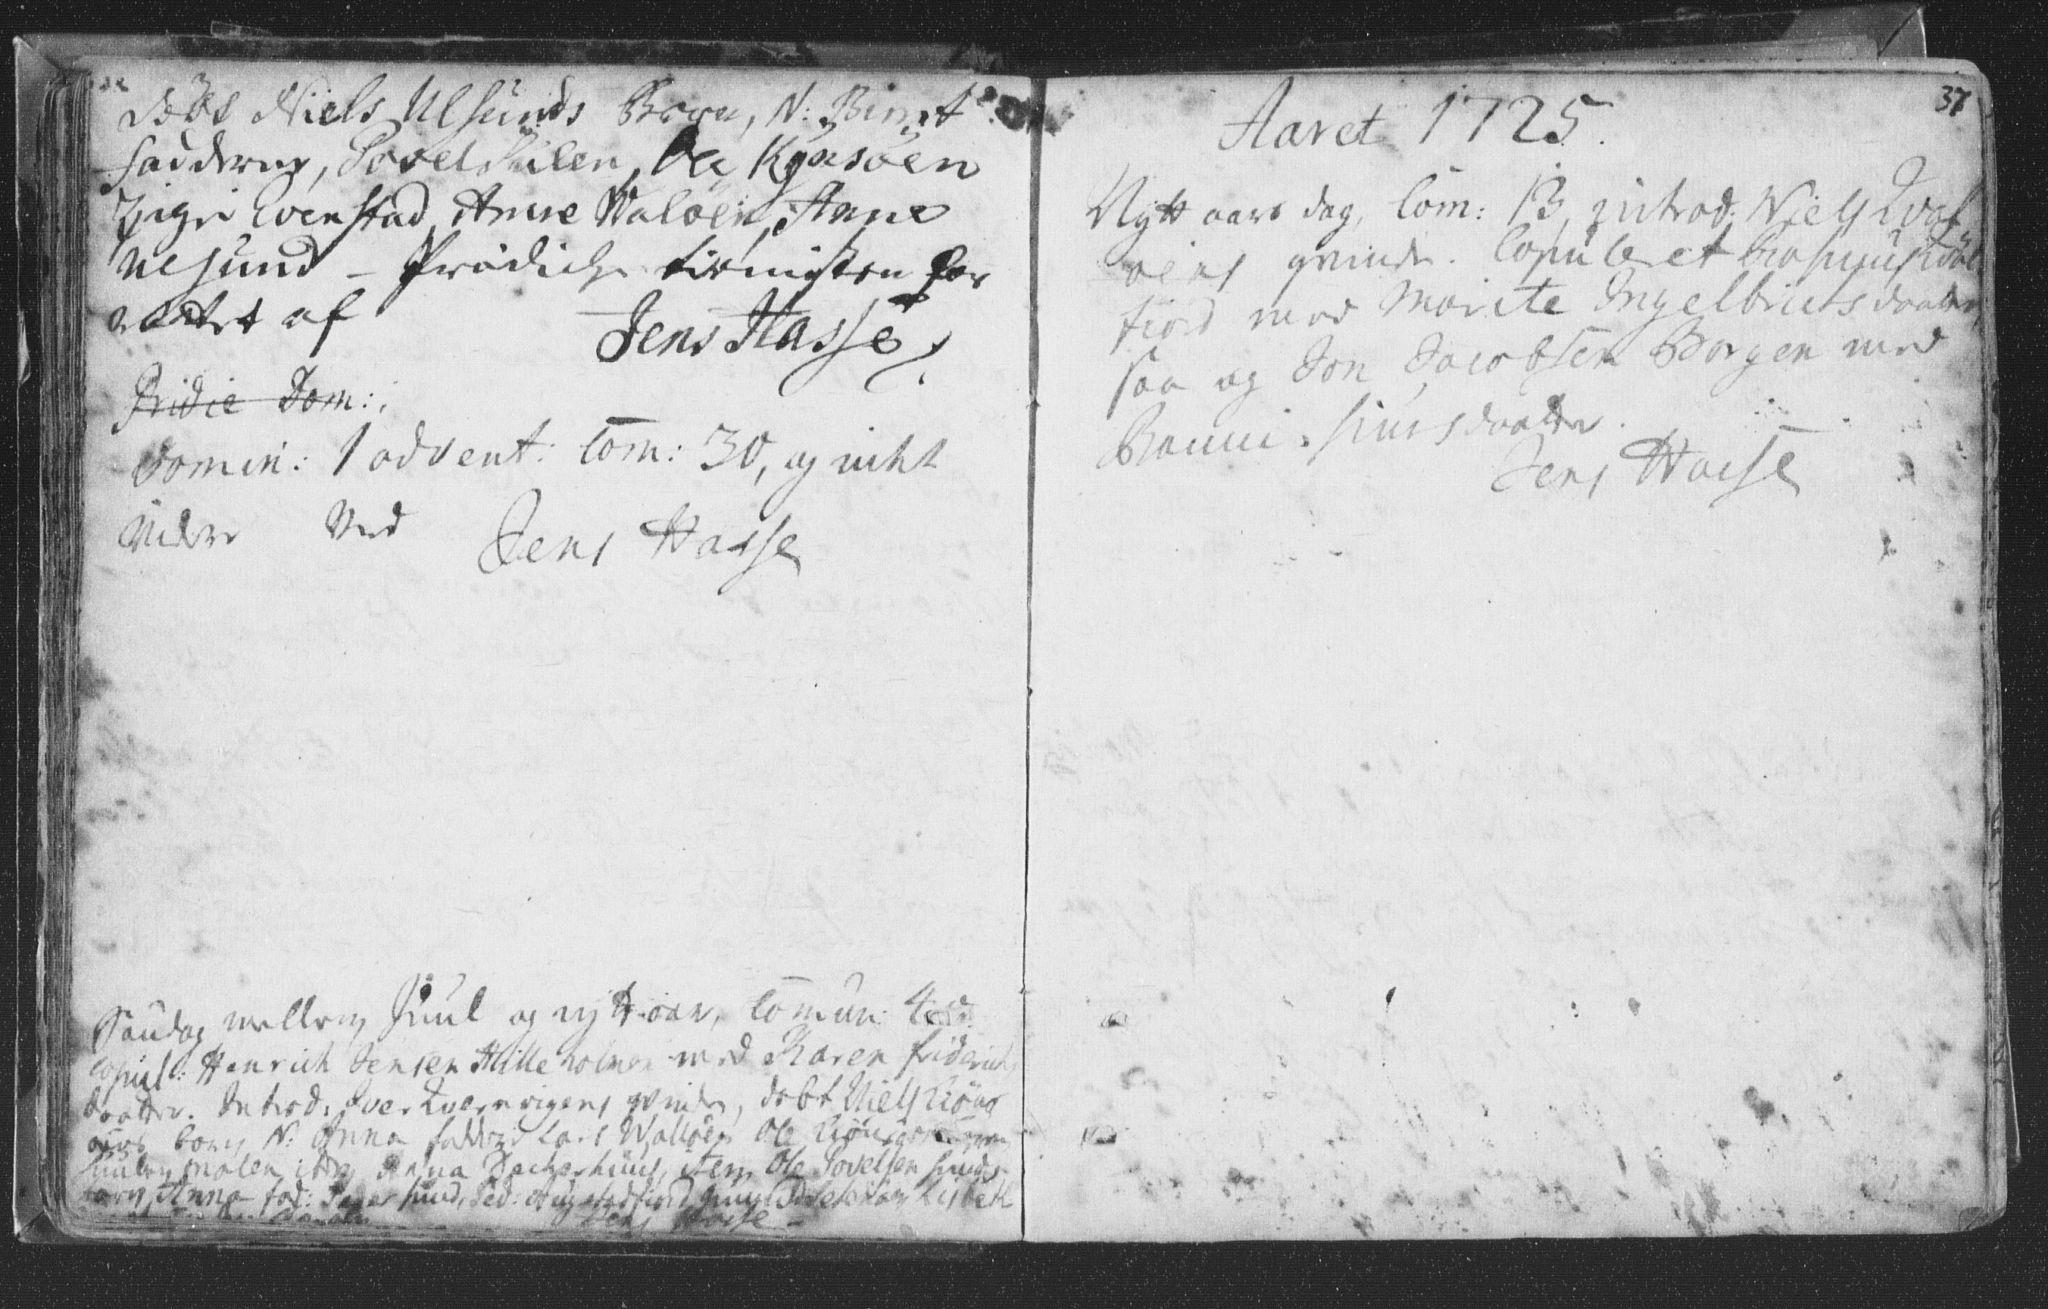 SAT, Ministerialprotokoller, klokkerbøker og fødselsregistre - Nord-Trøndelag, 786/L0685: Ministerialbok nr. 786A01, 1710-1798, s. 37